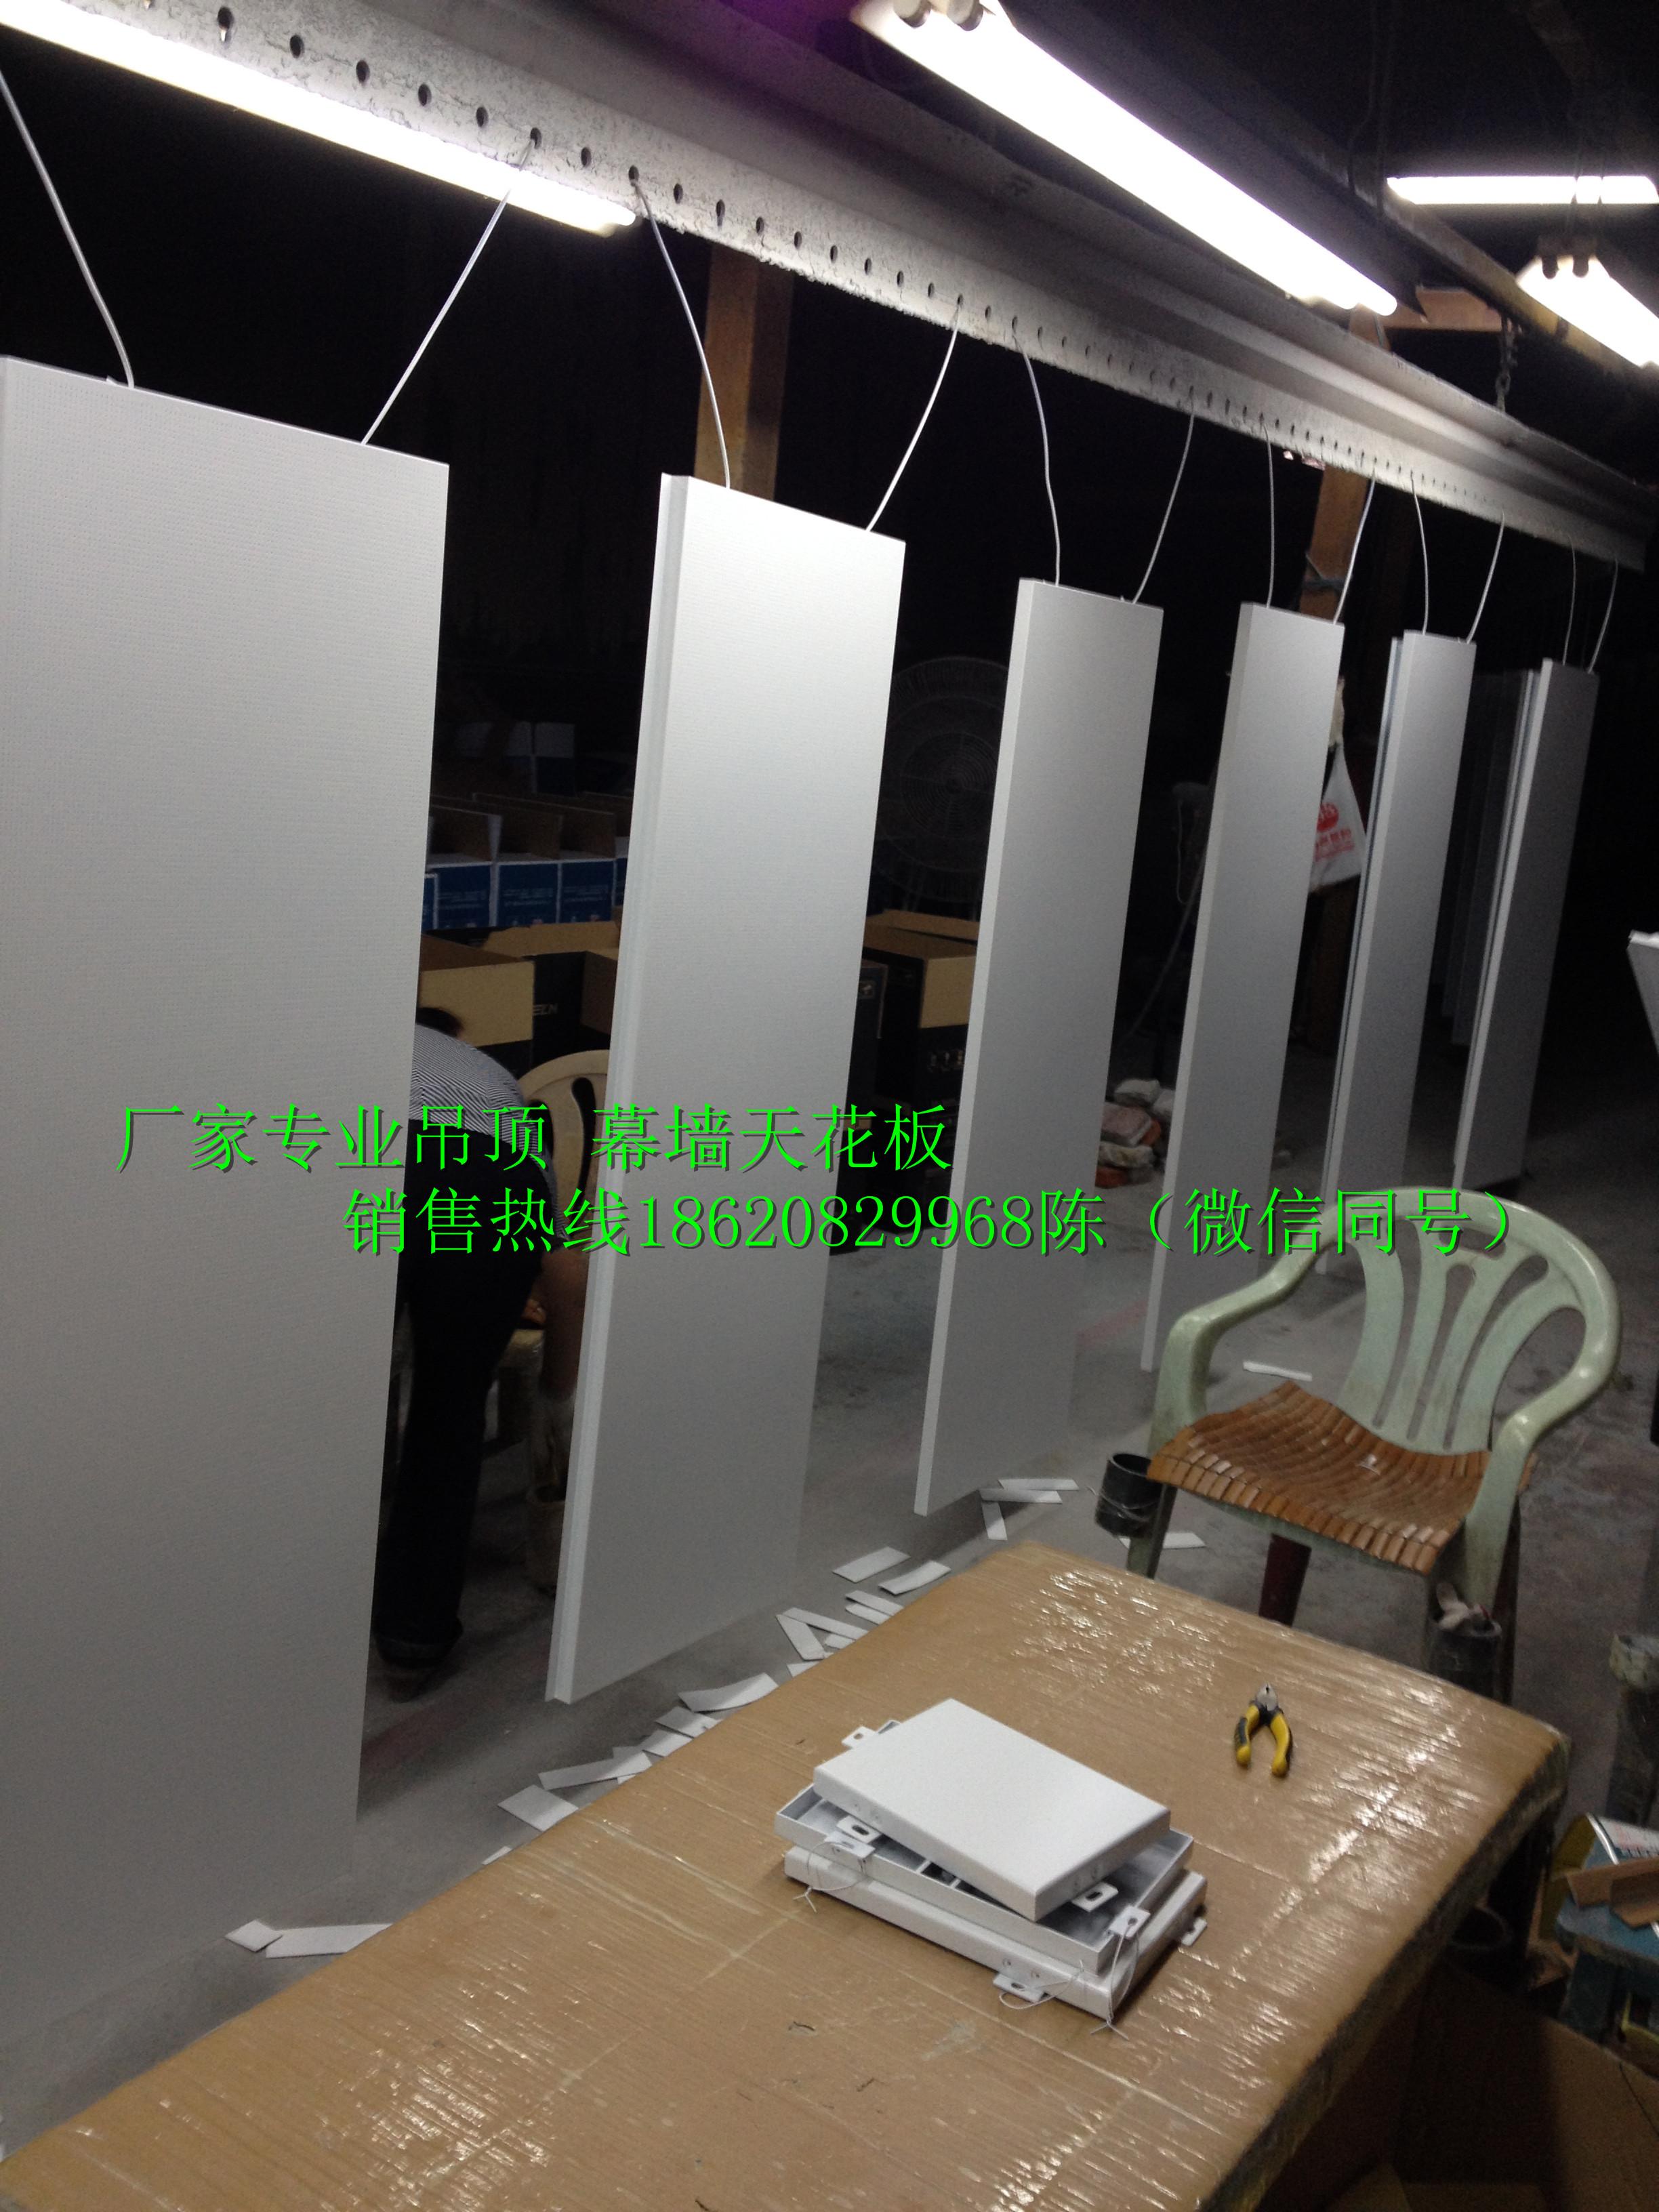 张家界广汽传祺4s店吊顶天花板 微孔镀锌钢天花板 银灰色镀锌钢天花板定制